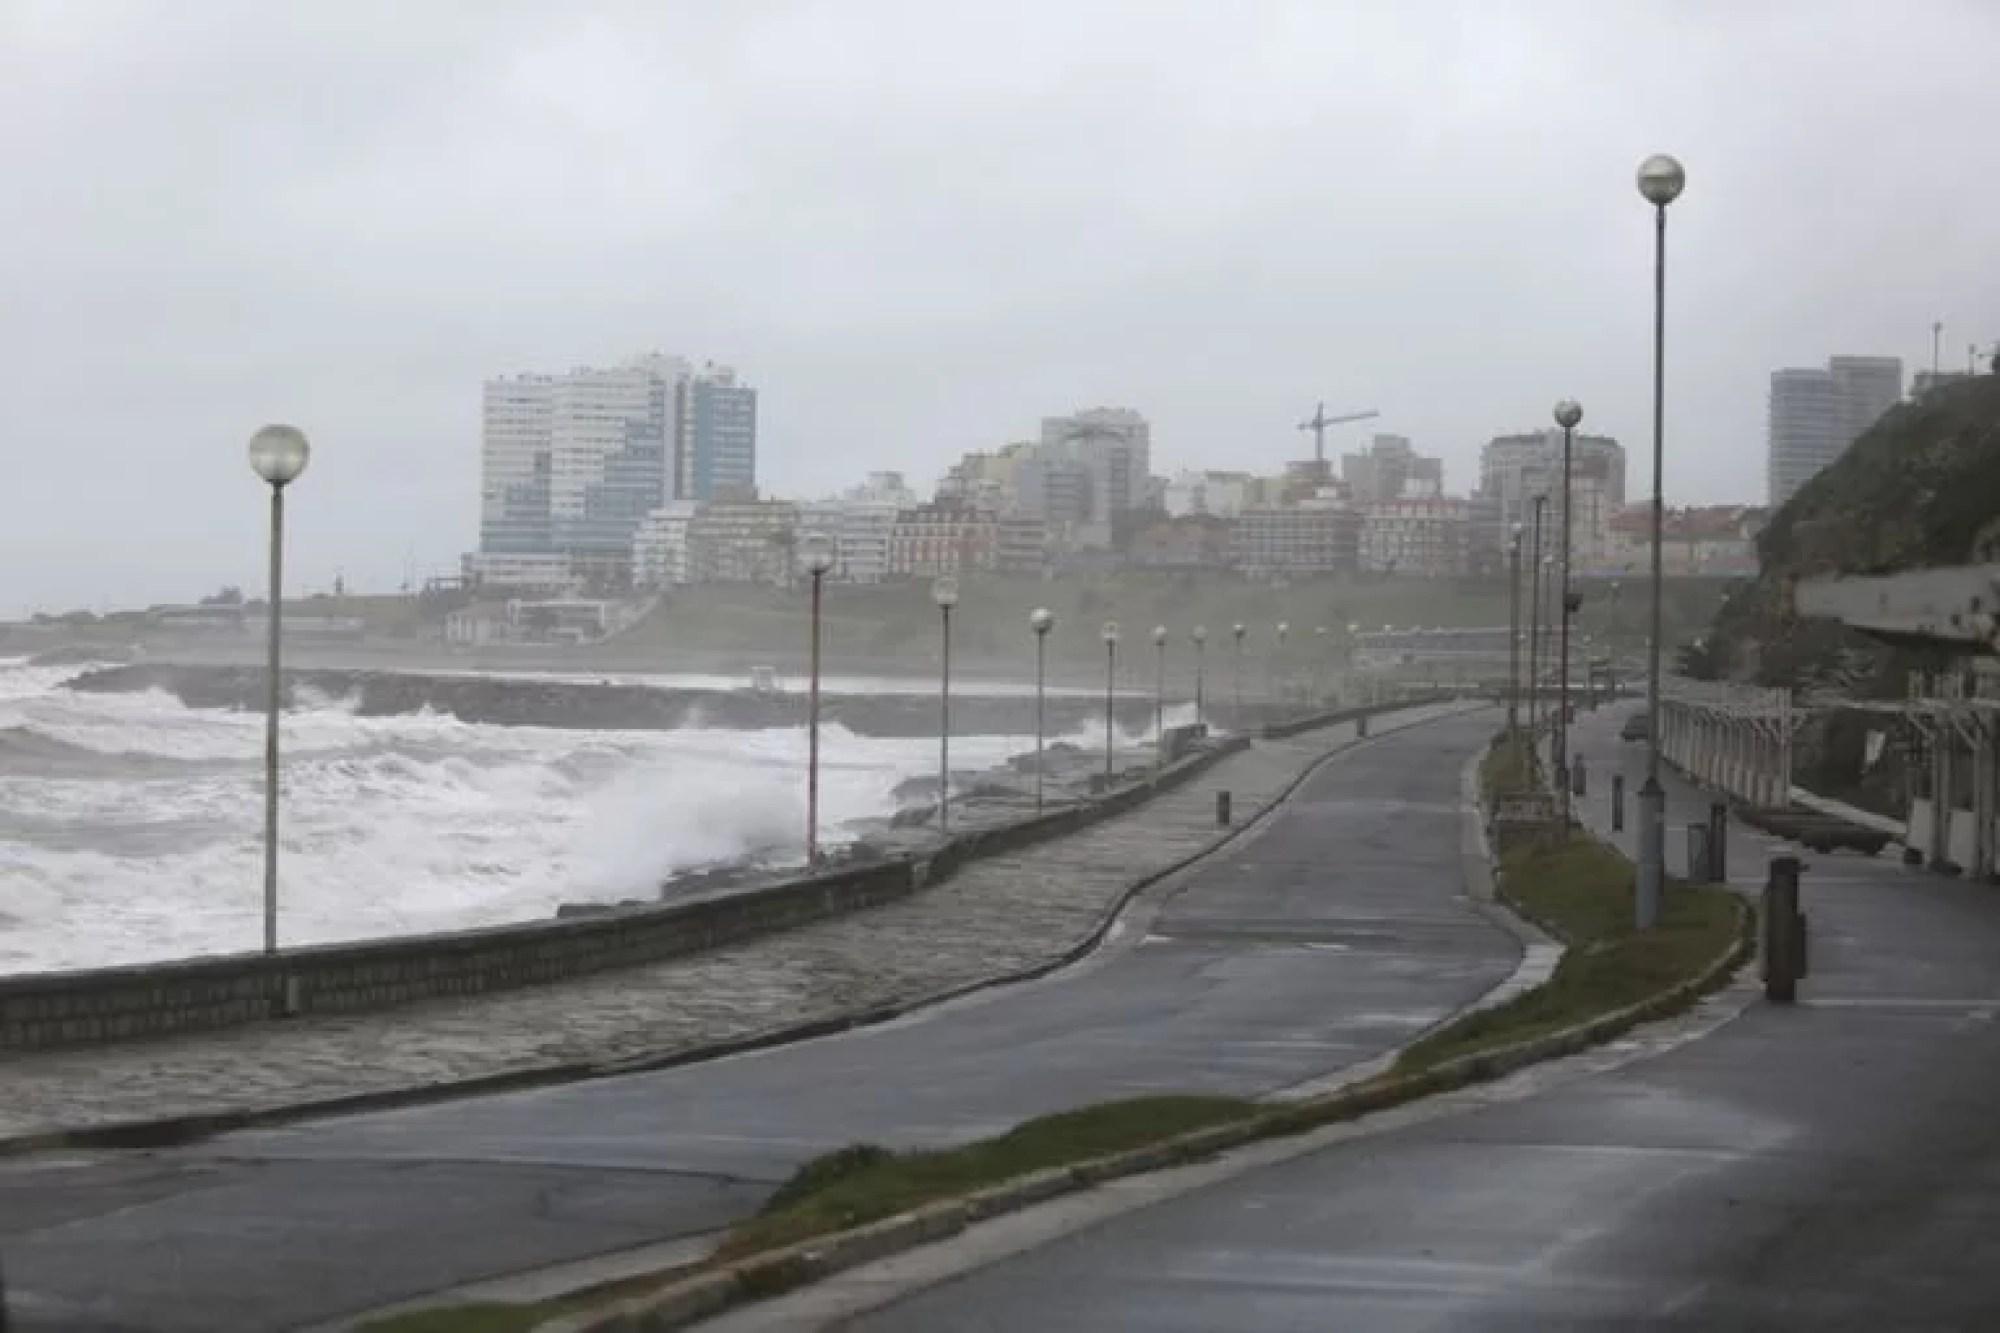 En Fase 1, Mar del Plata no puede recibir turistas, solo funcionan comercios considerados esenciales y la educación vuelve a la virtualidad